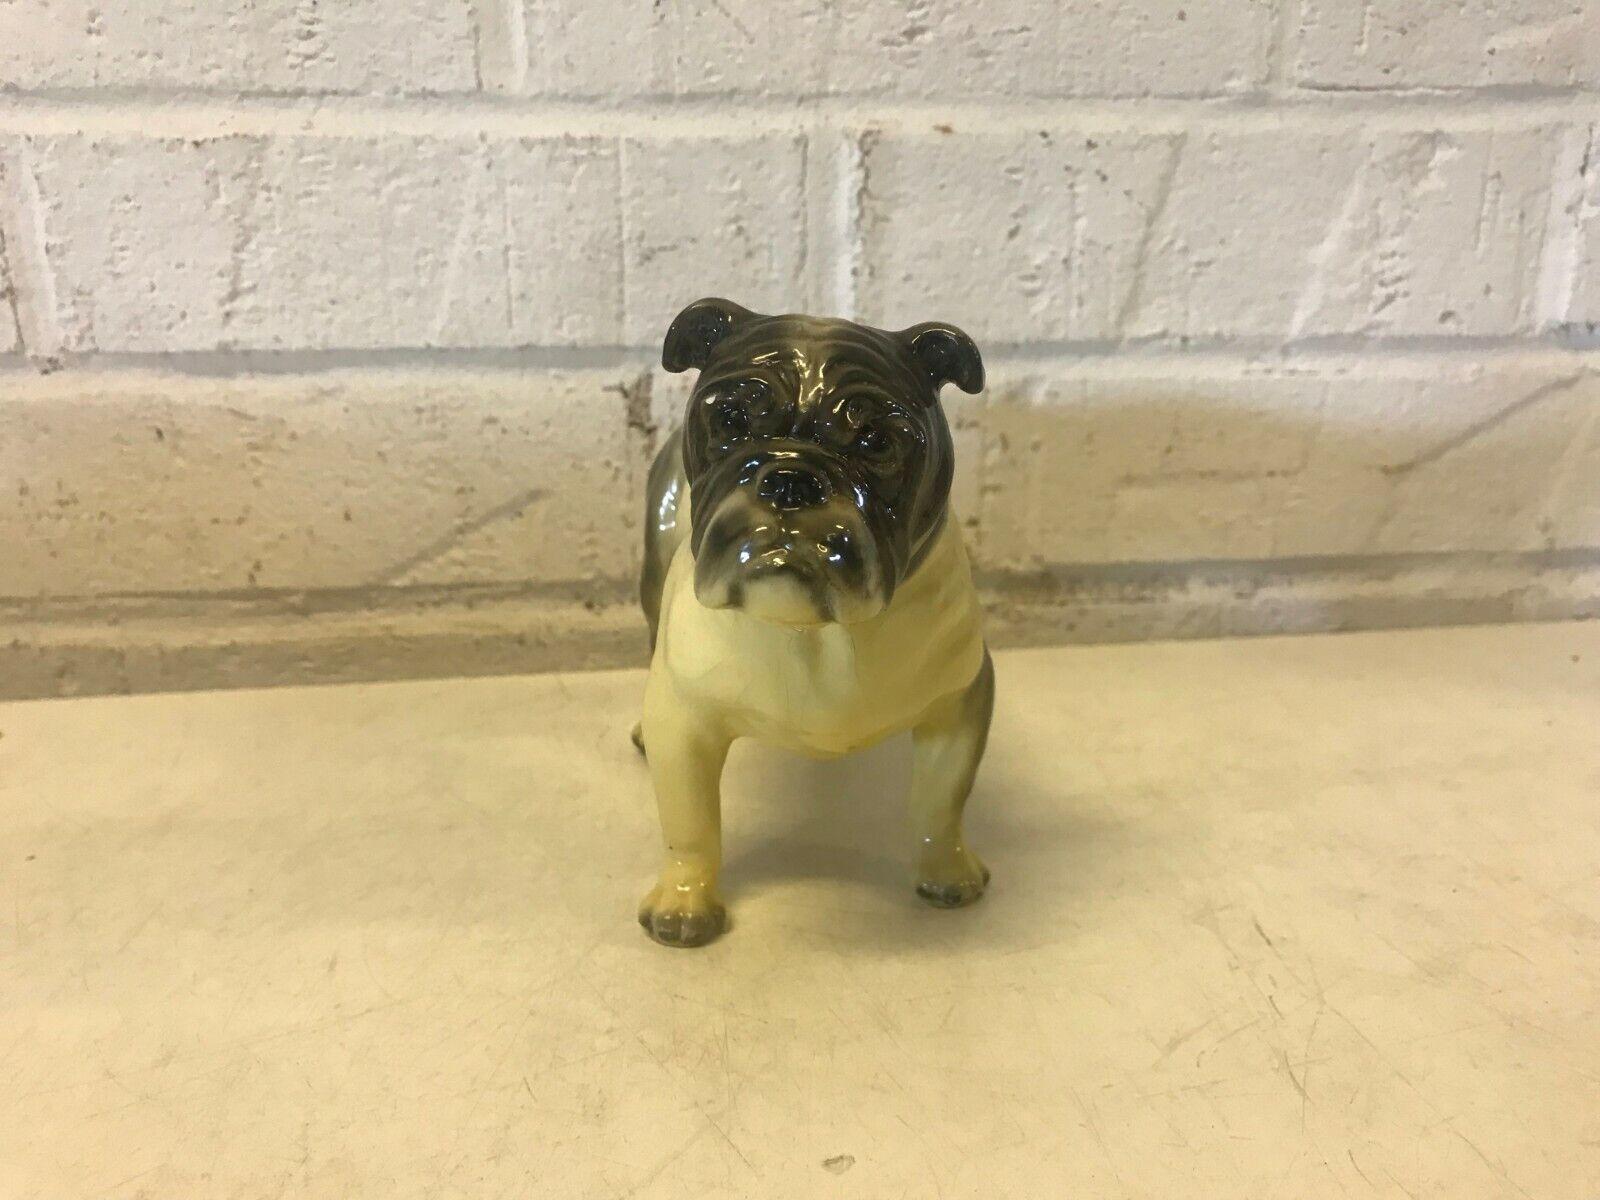 Vtg bulldog anglais figurine debout morten's studio royal design de 2 2